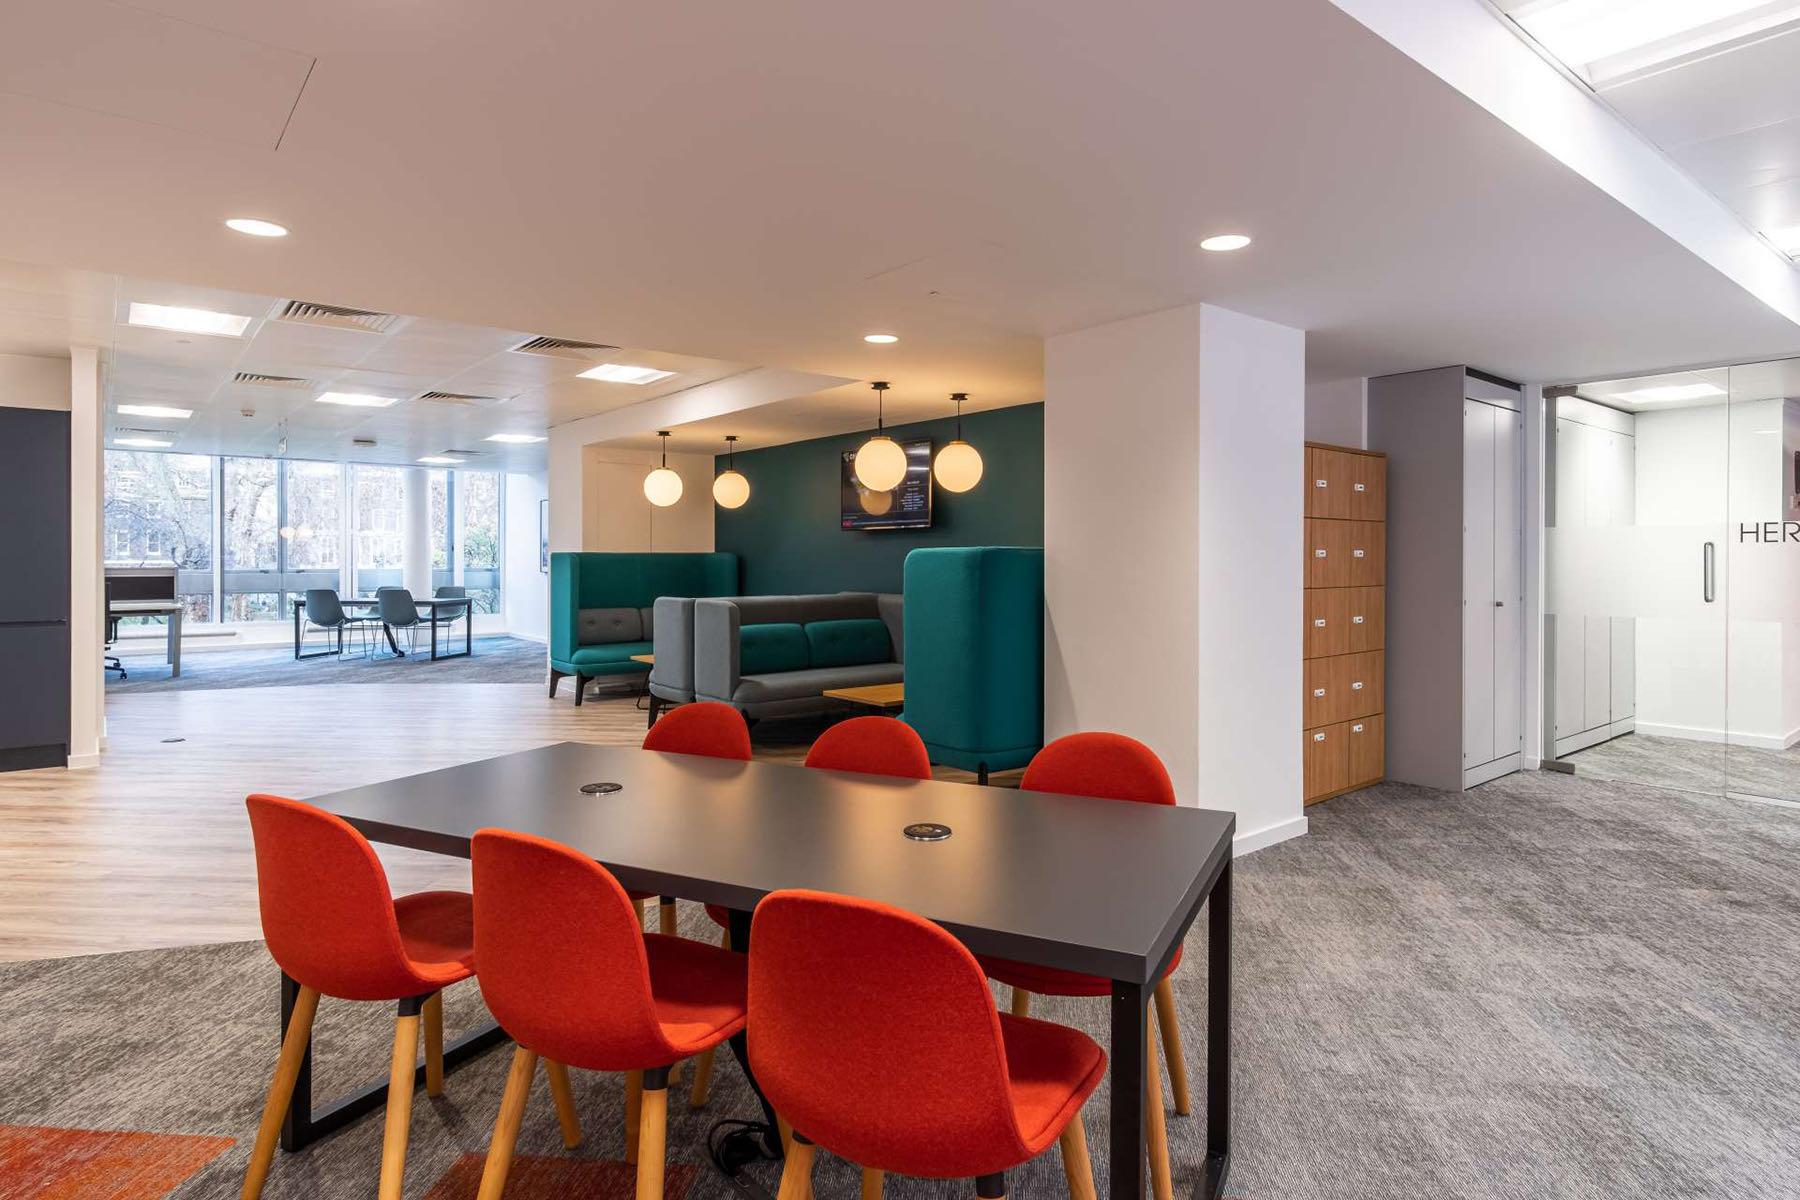 inchape-london-office-4